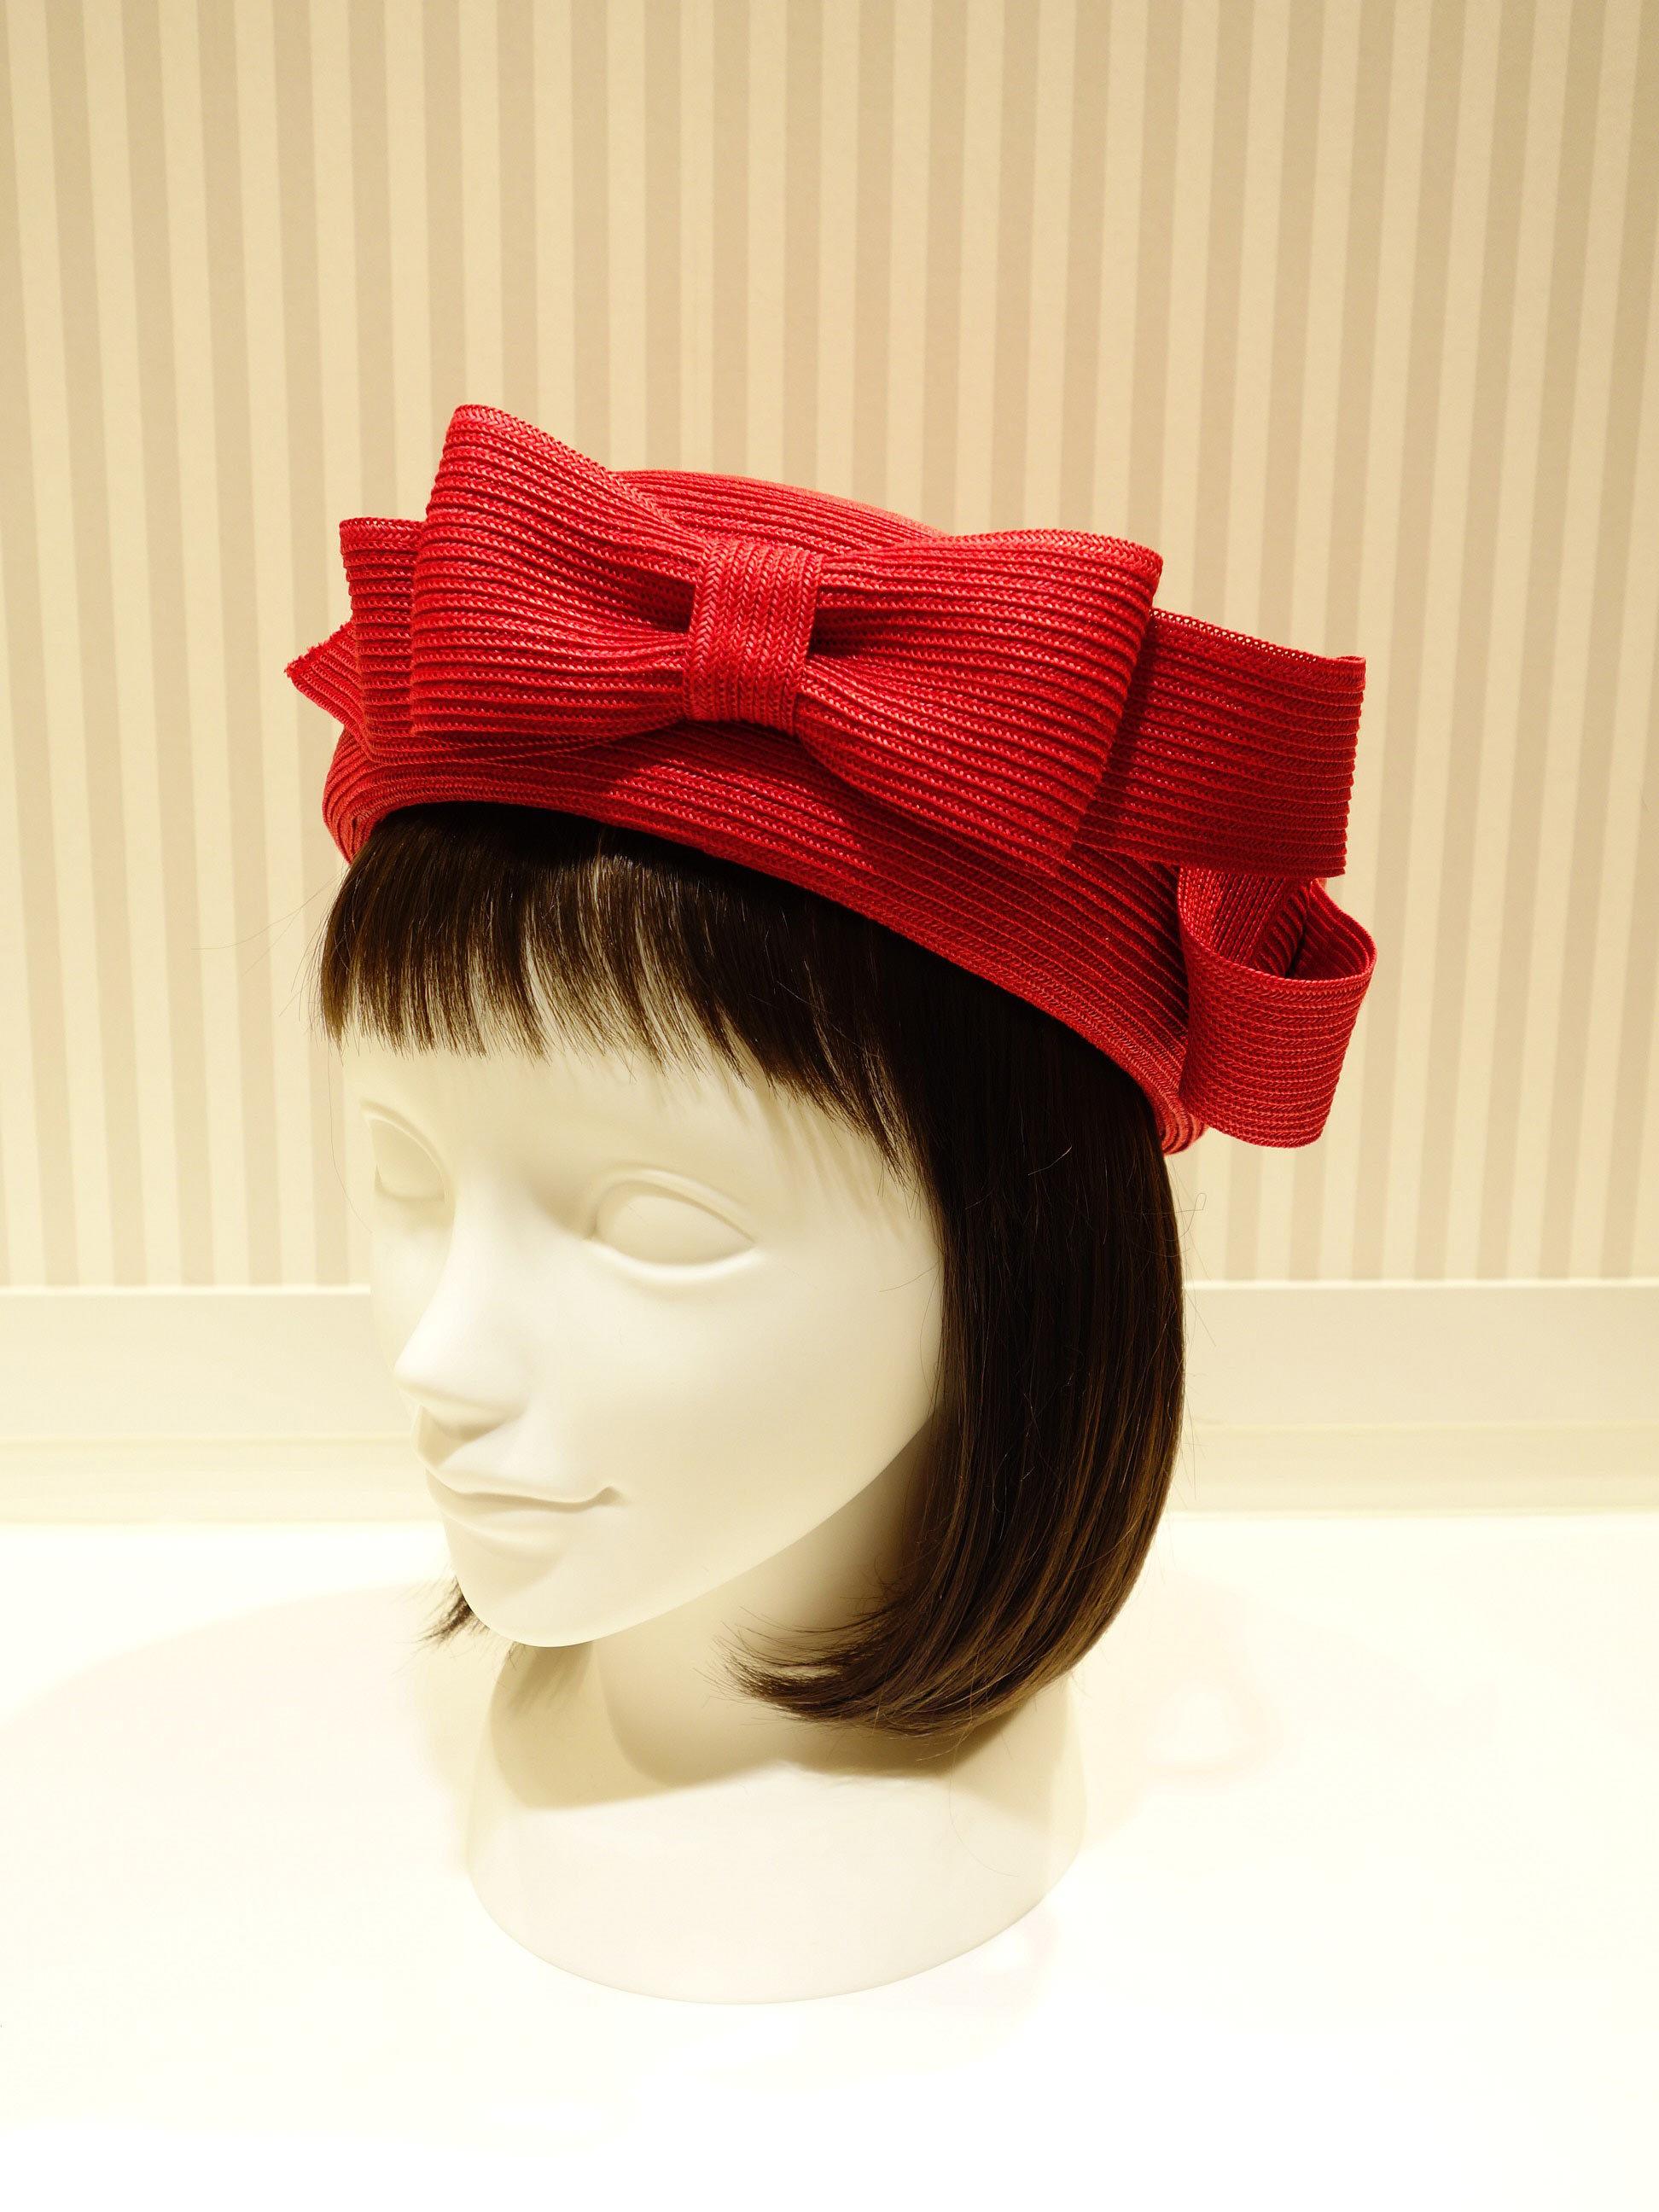 KEIKO IGATAさん帽子*新入荷しました*_e0167832_14065824.jpg